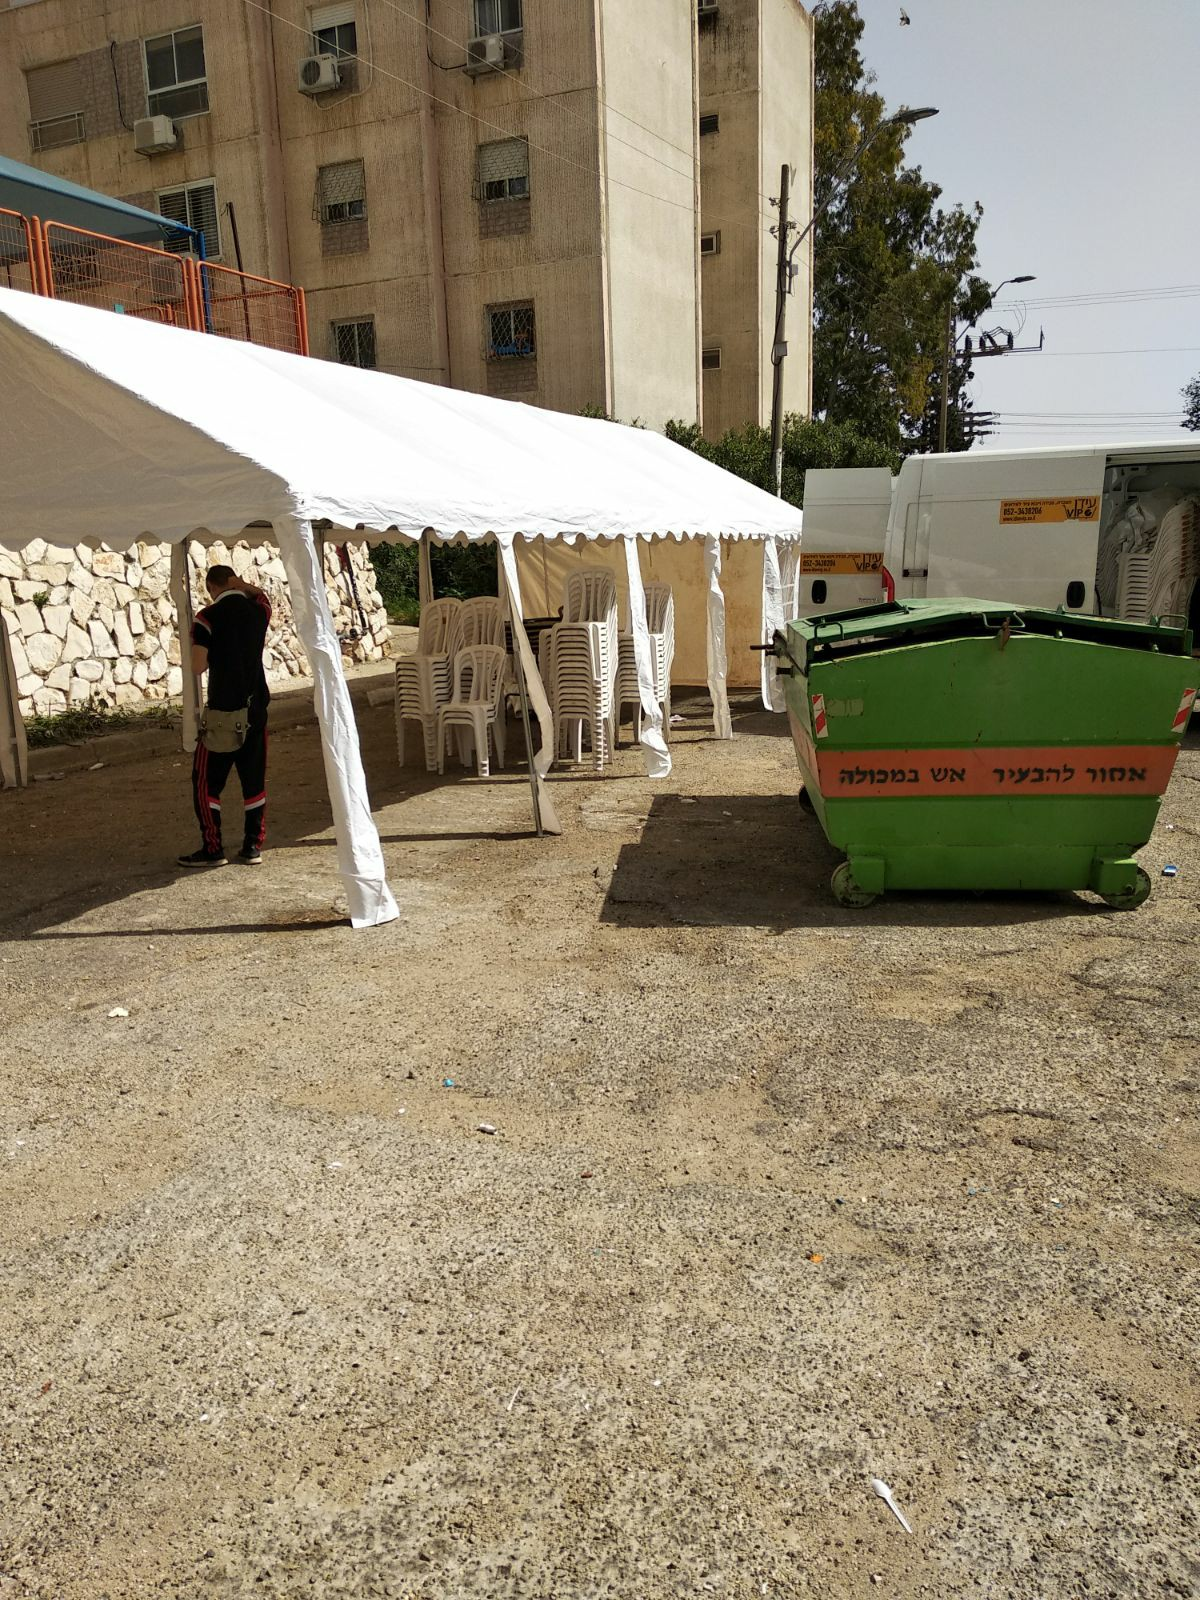 מגניב אוהלים למכירה החל מ-1899₪ בלבד כנסו לראות מחירי גמח רק לעזור QC-66